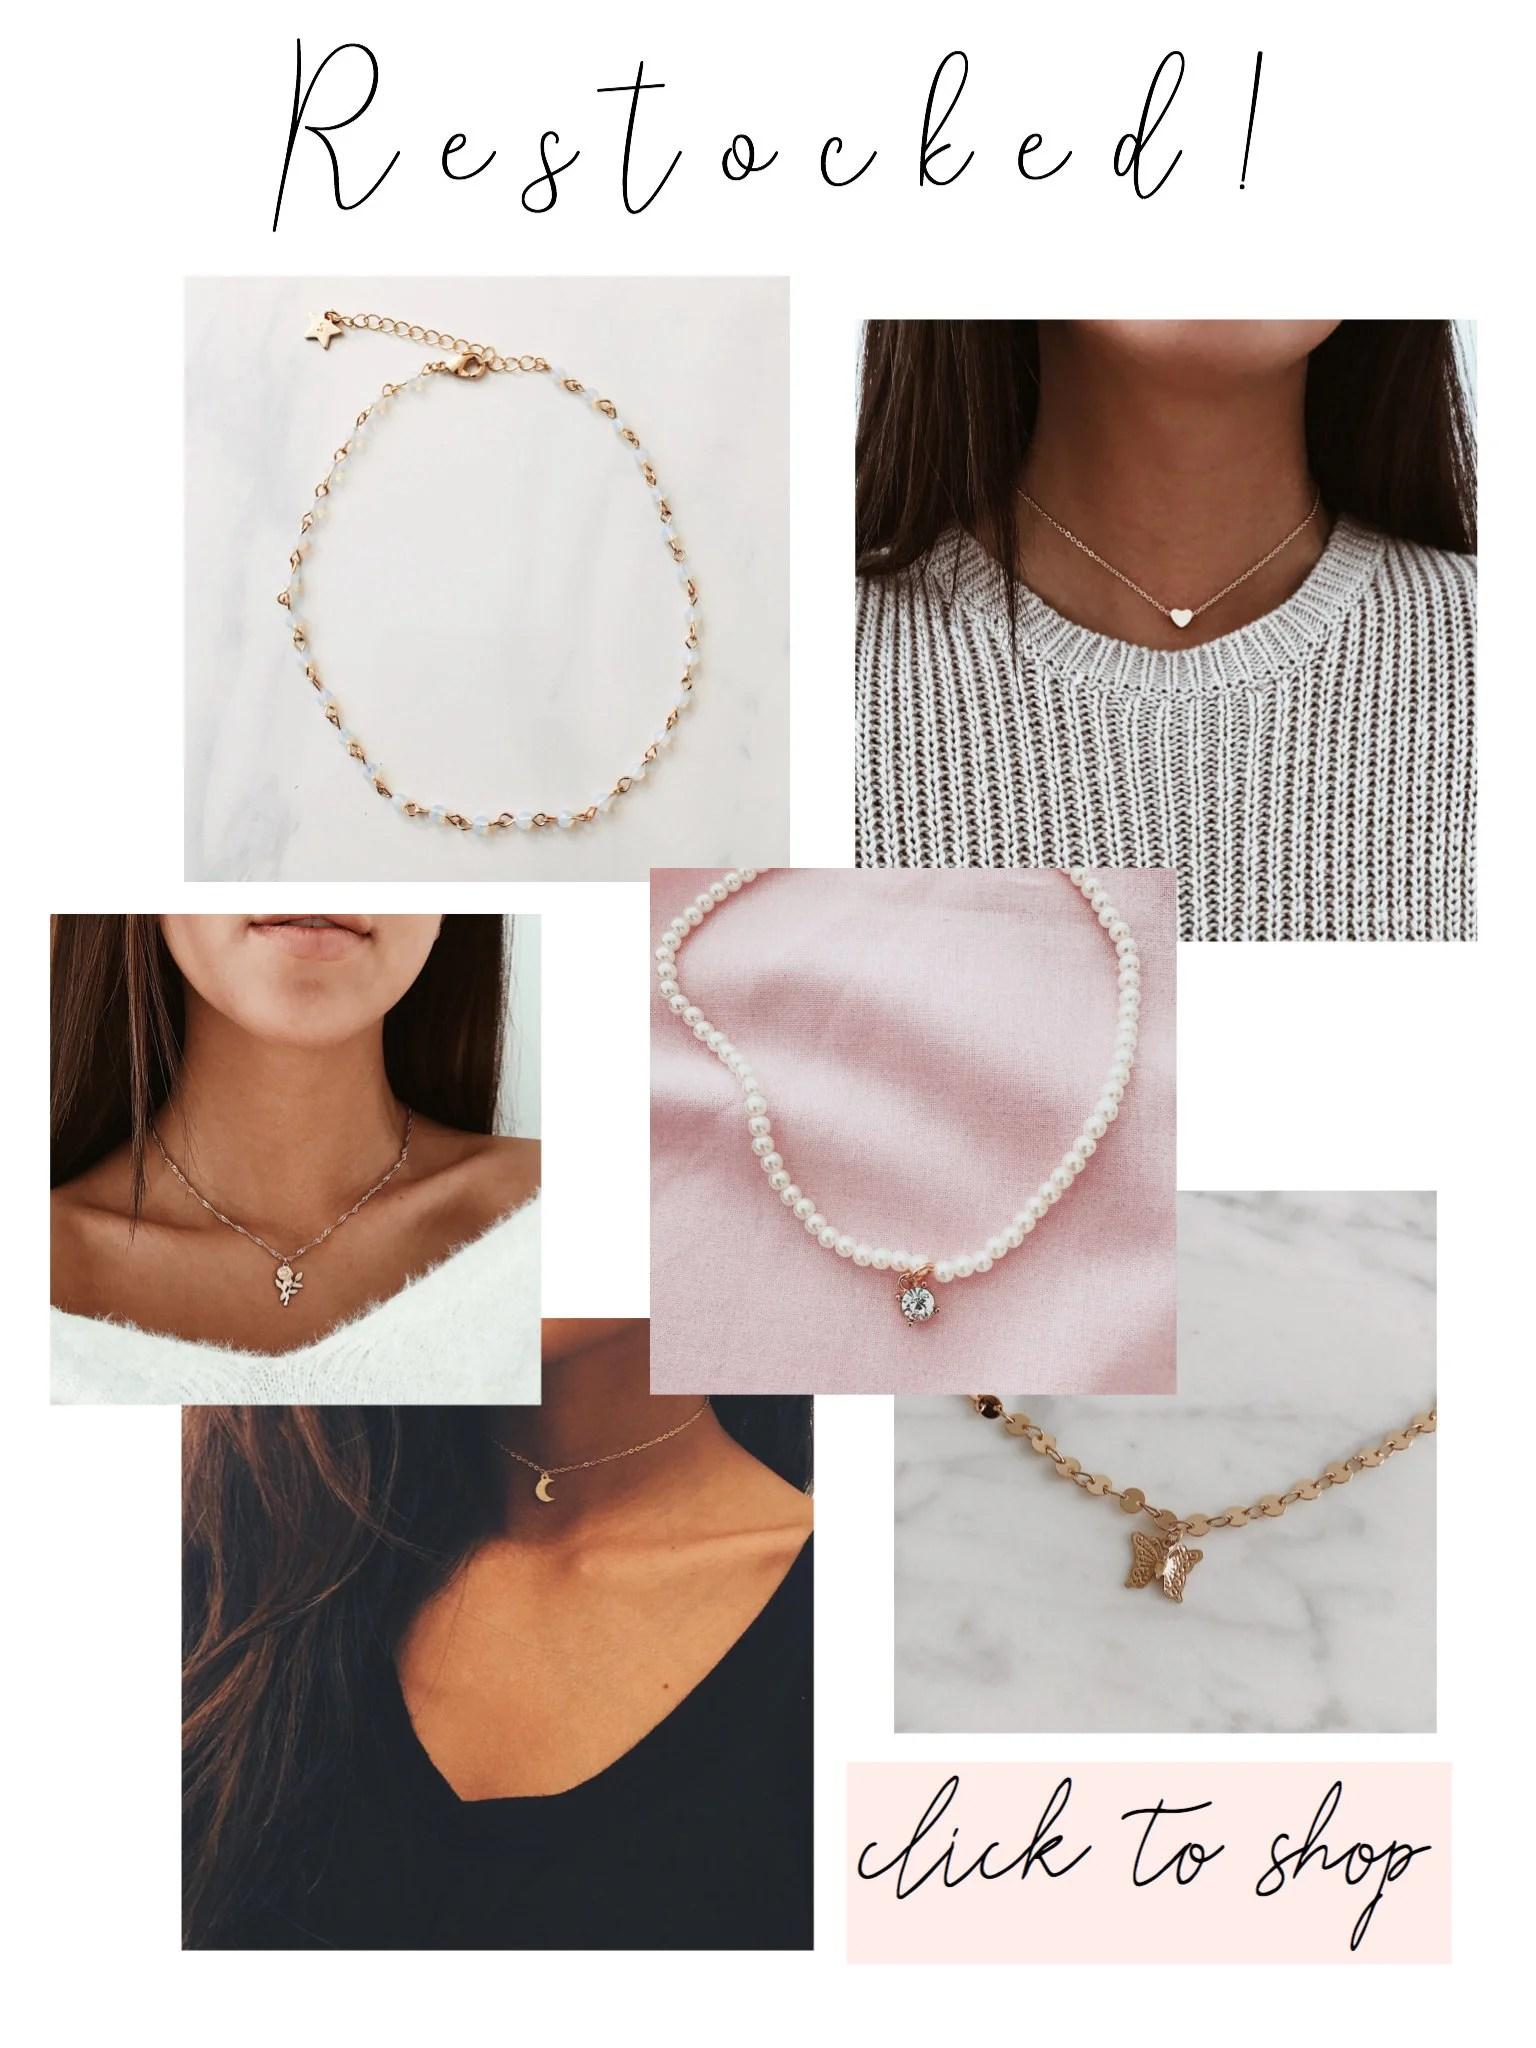 Stargaze Jewelry Reviews : stargaze, jewelry, reviews, Stargaze, Jewelry